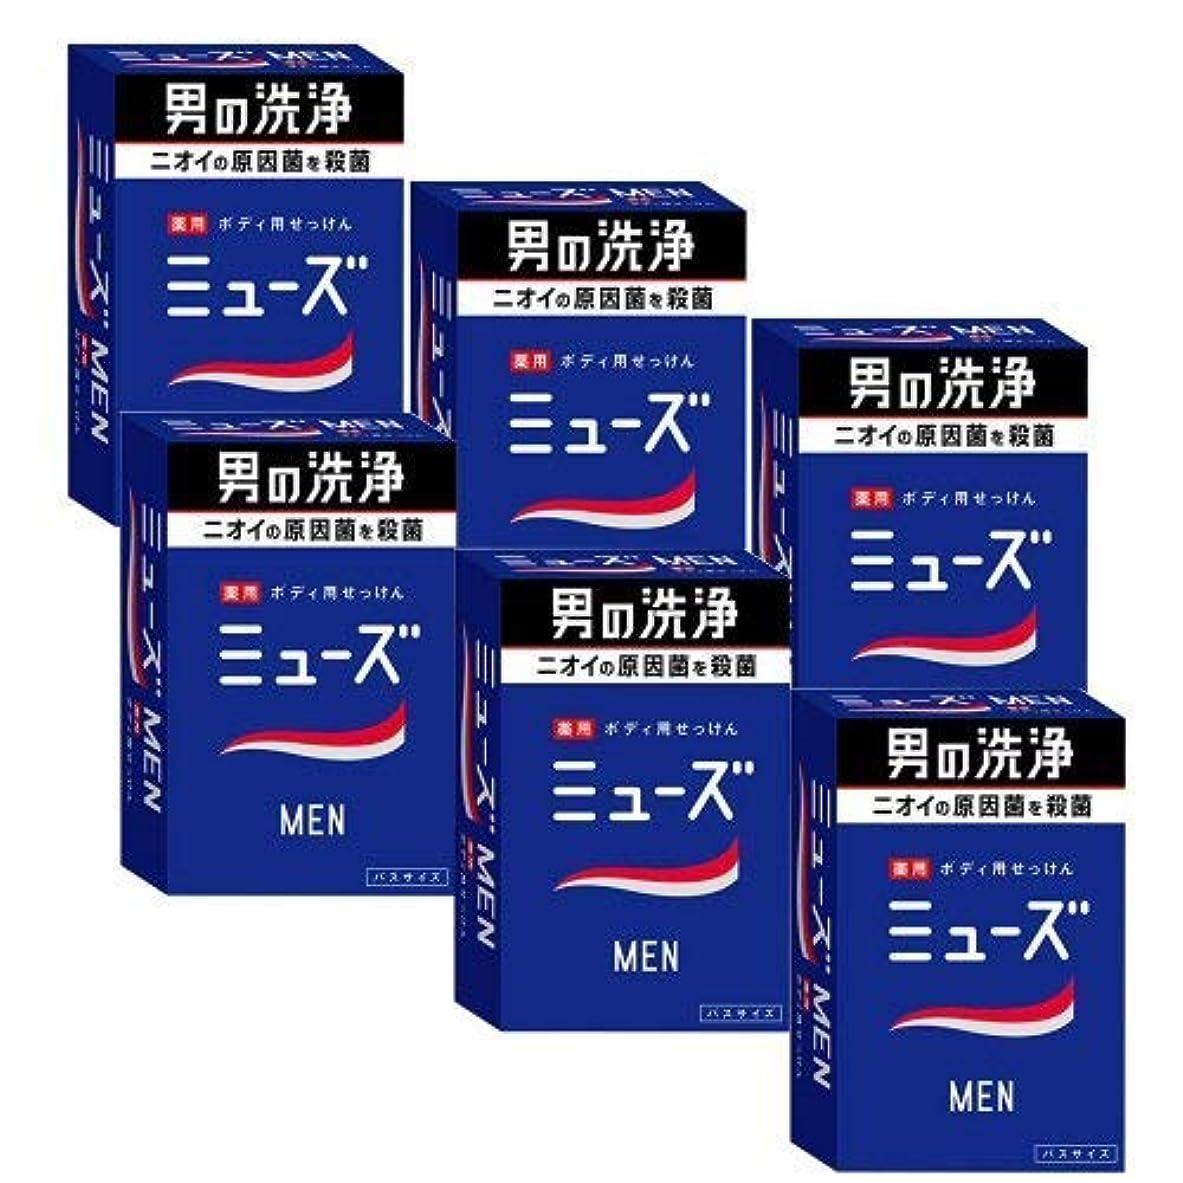 フェード賢明なメンテナンスミューズメン石鹸 × 3個セット